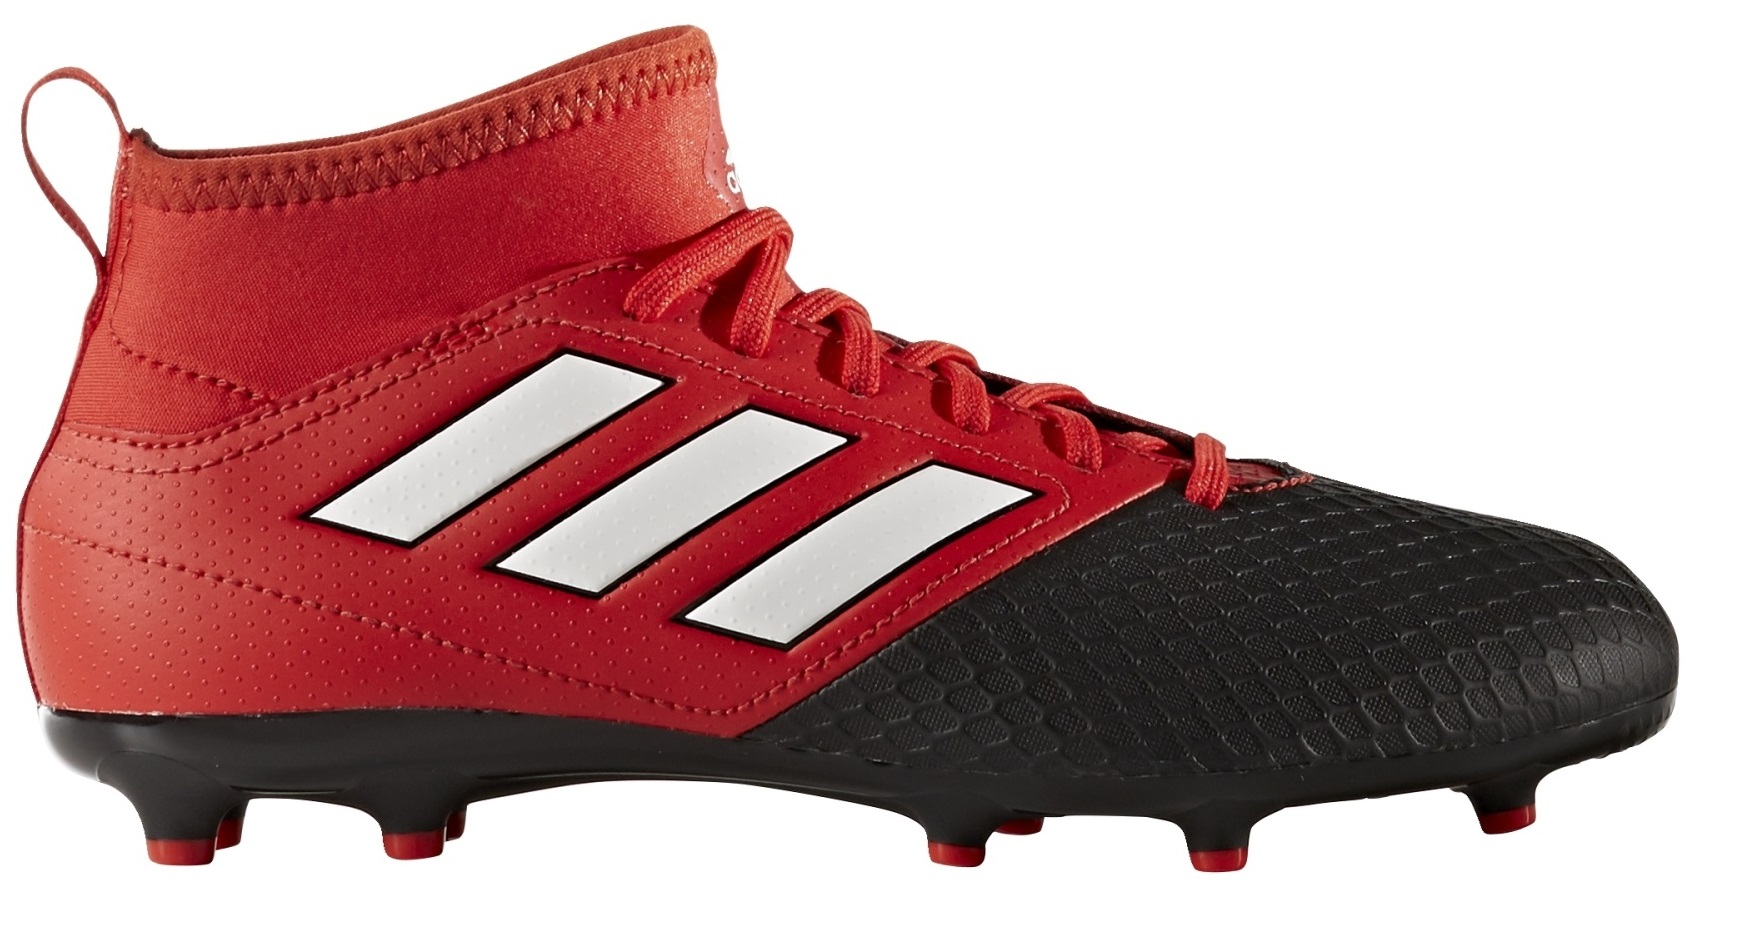 scarpe adidas calcio bambino 2018